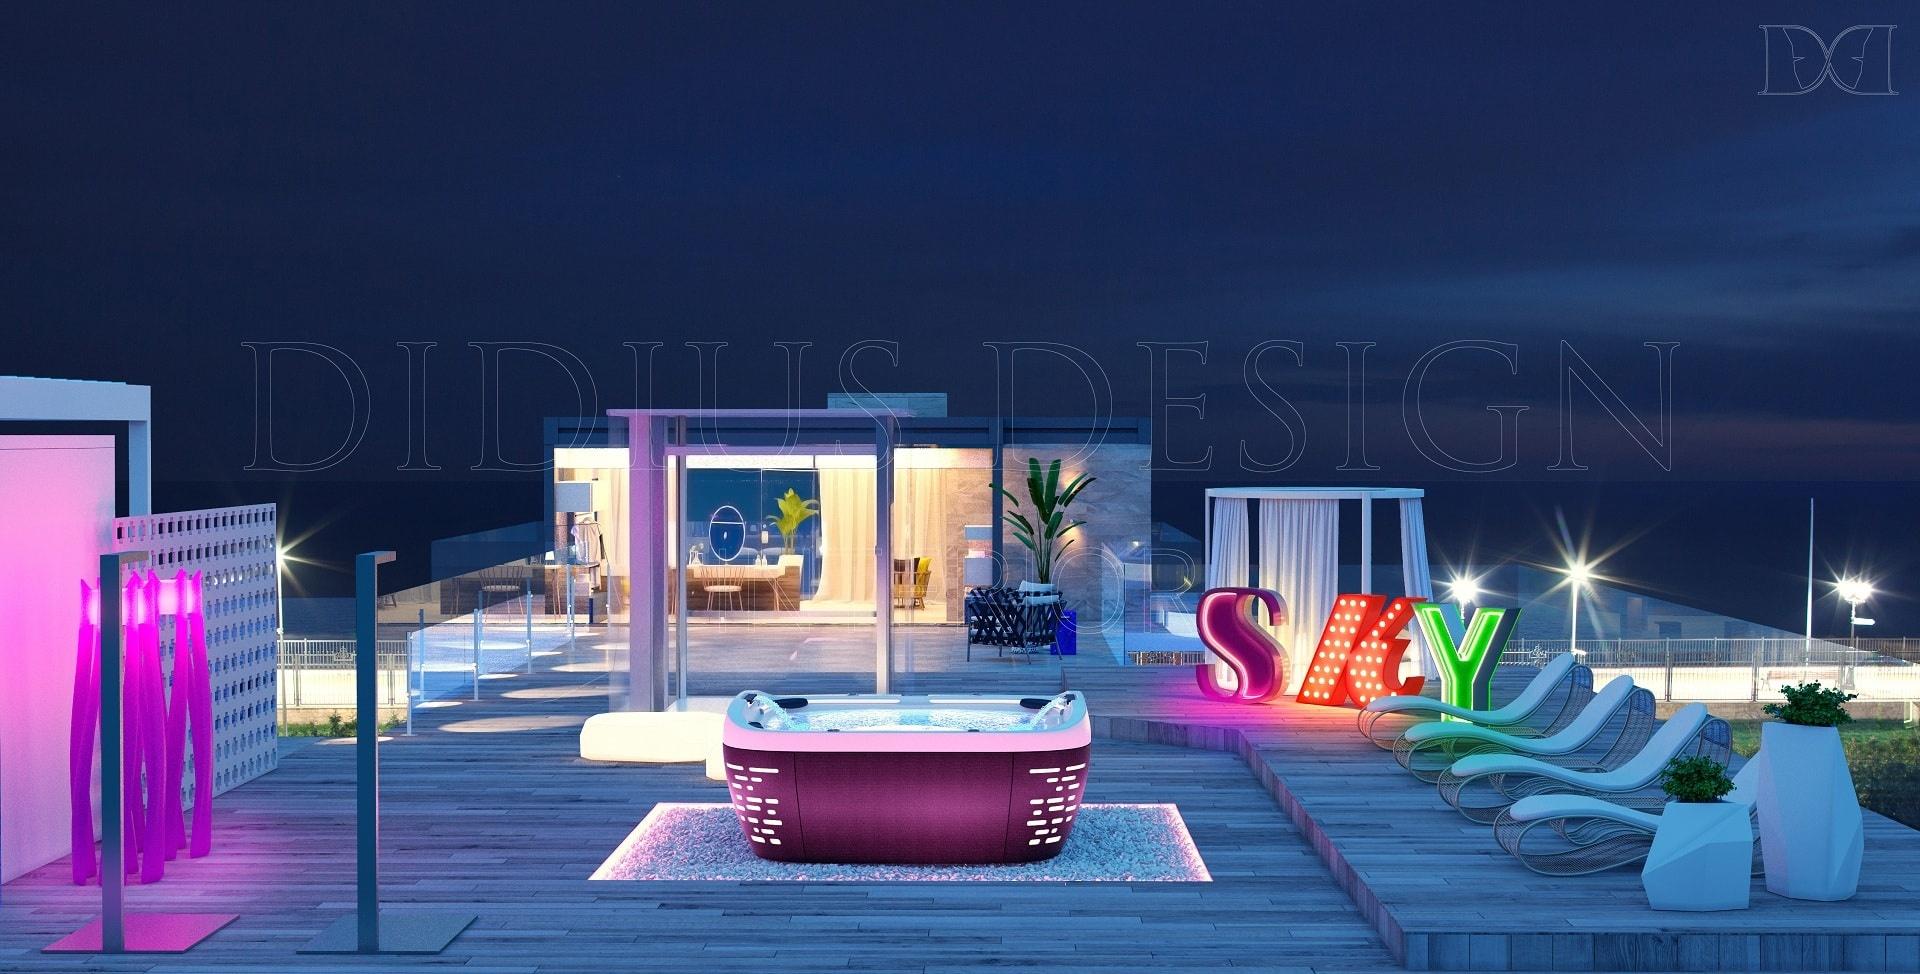 Почувствуйте все грани роскоши в интерьерах от Didius Design Inerior.  дизайнеры интерьеров Почувствуйте все грани роскоши в интерьерах от Didius Design Interior!!! 2